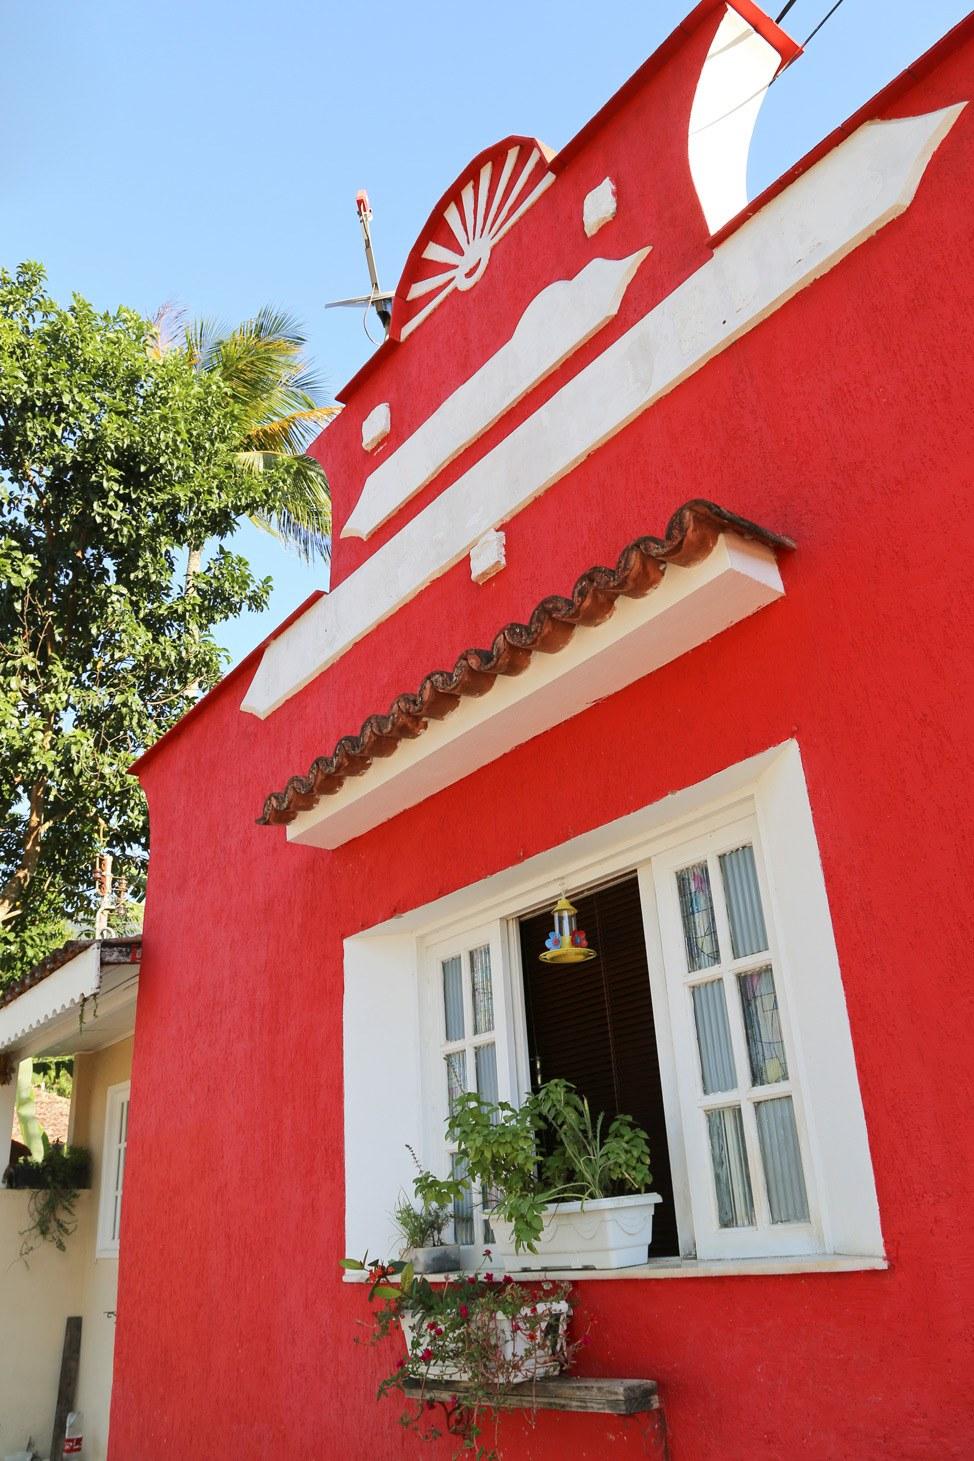 Vila do Abraão Ilha Grande Brazil